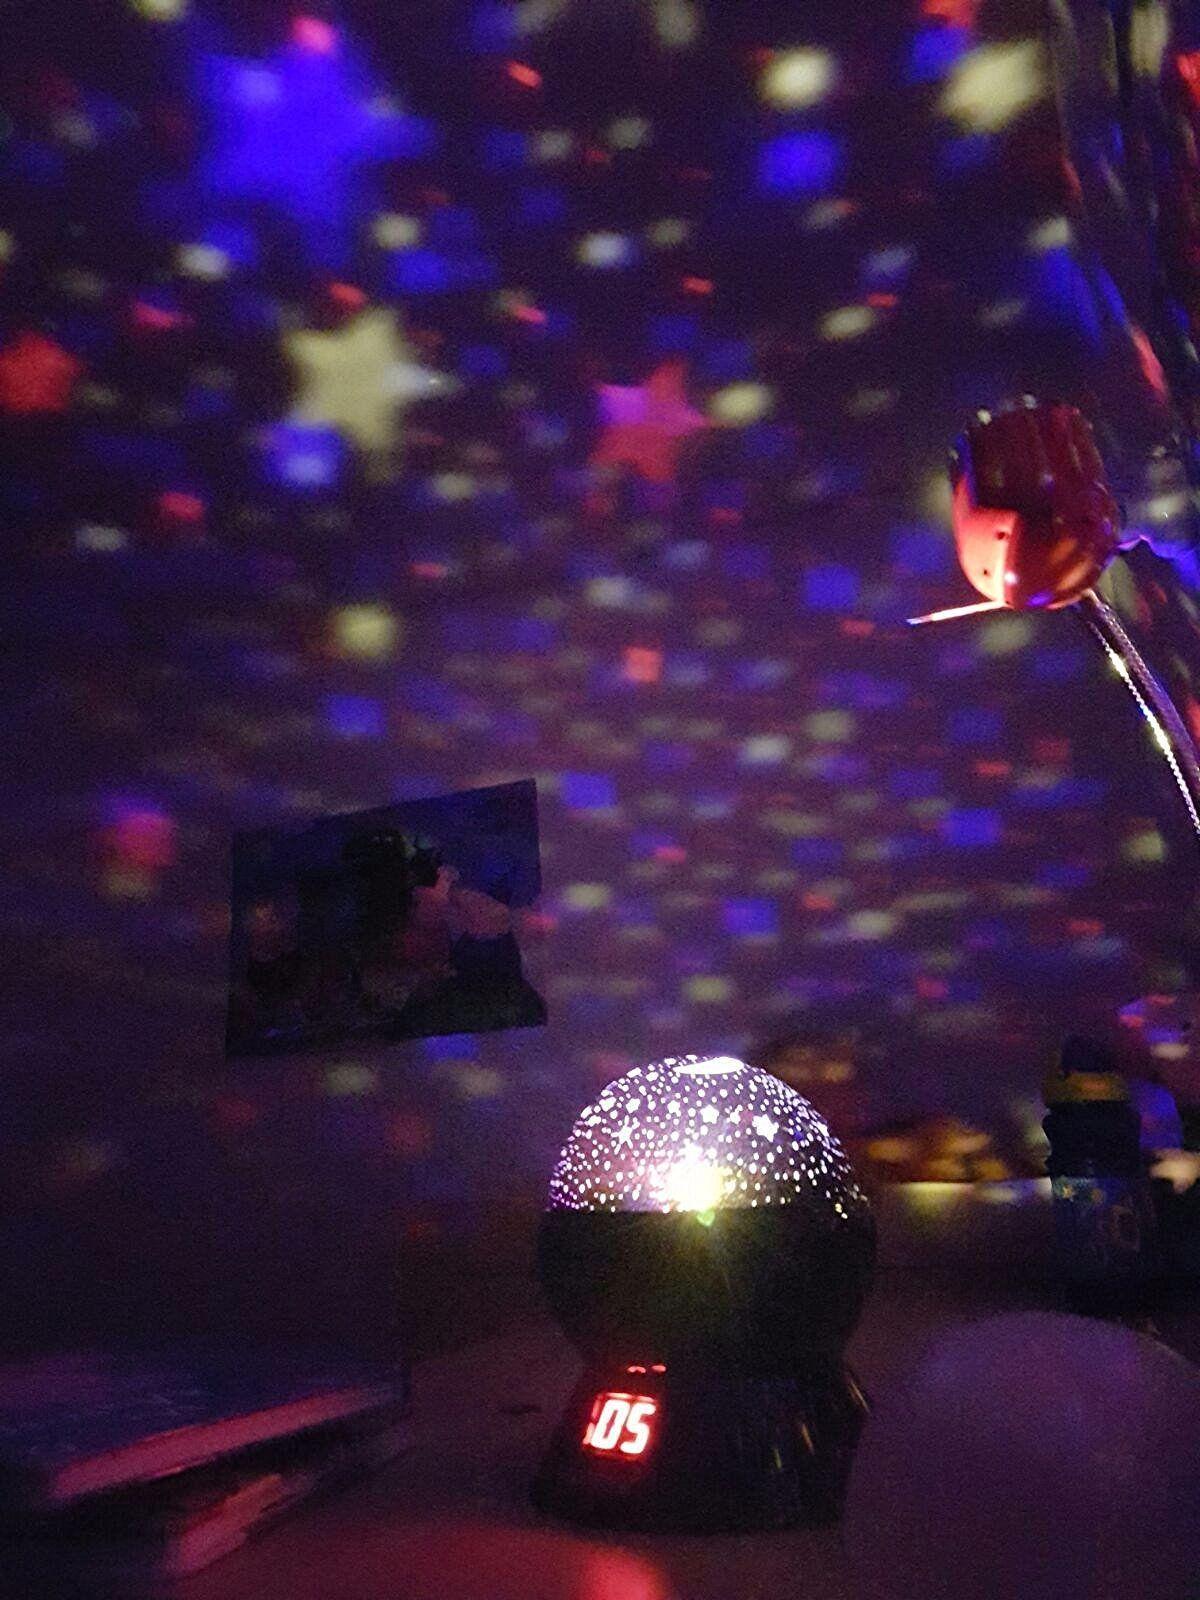 Rotierenden Nacht Licht Kindermobel Info Licht Sternenhimmel Projektor Lampe Kinderzimmer